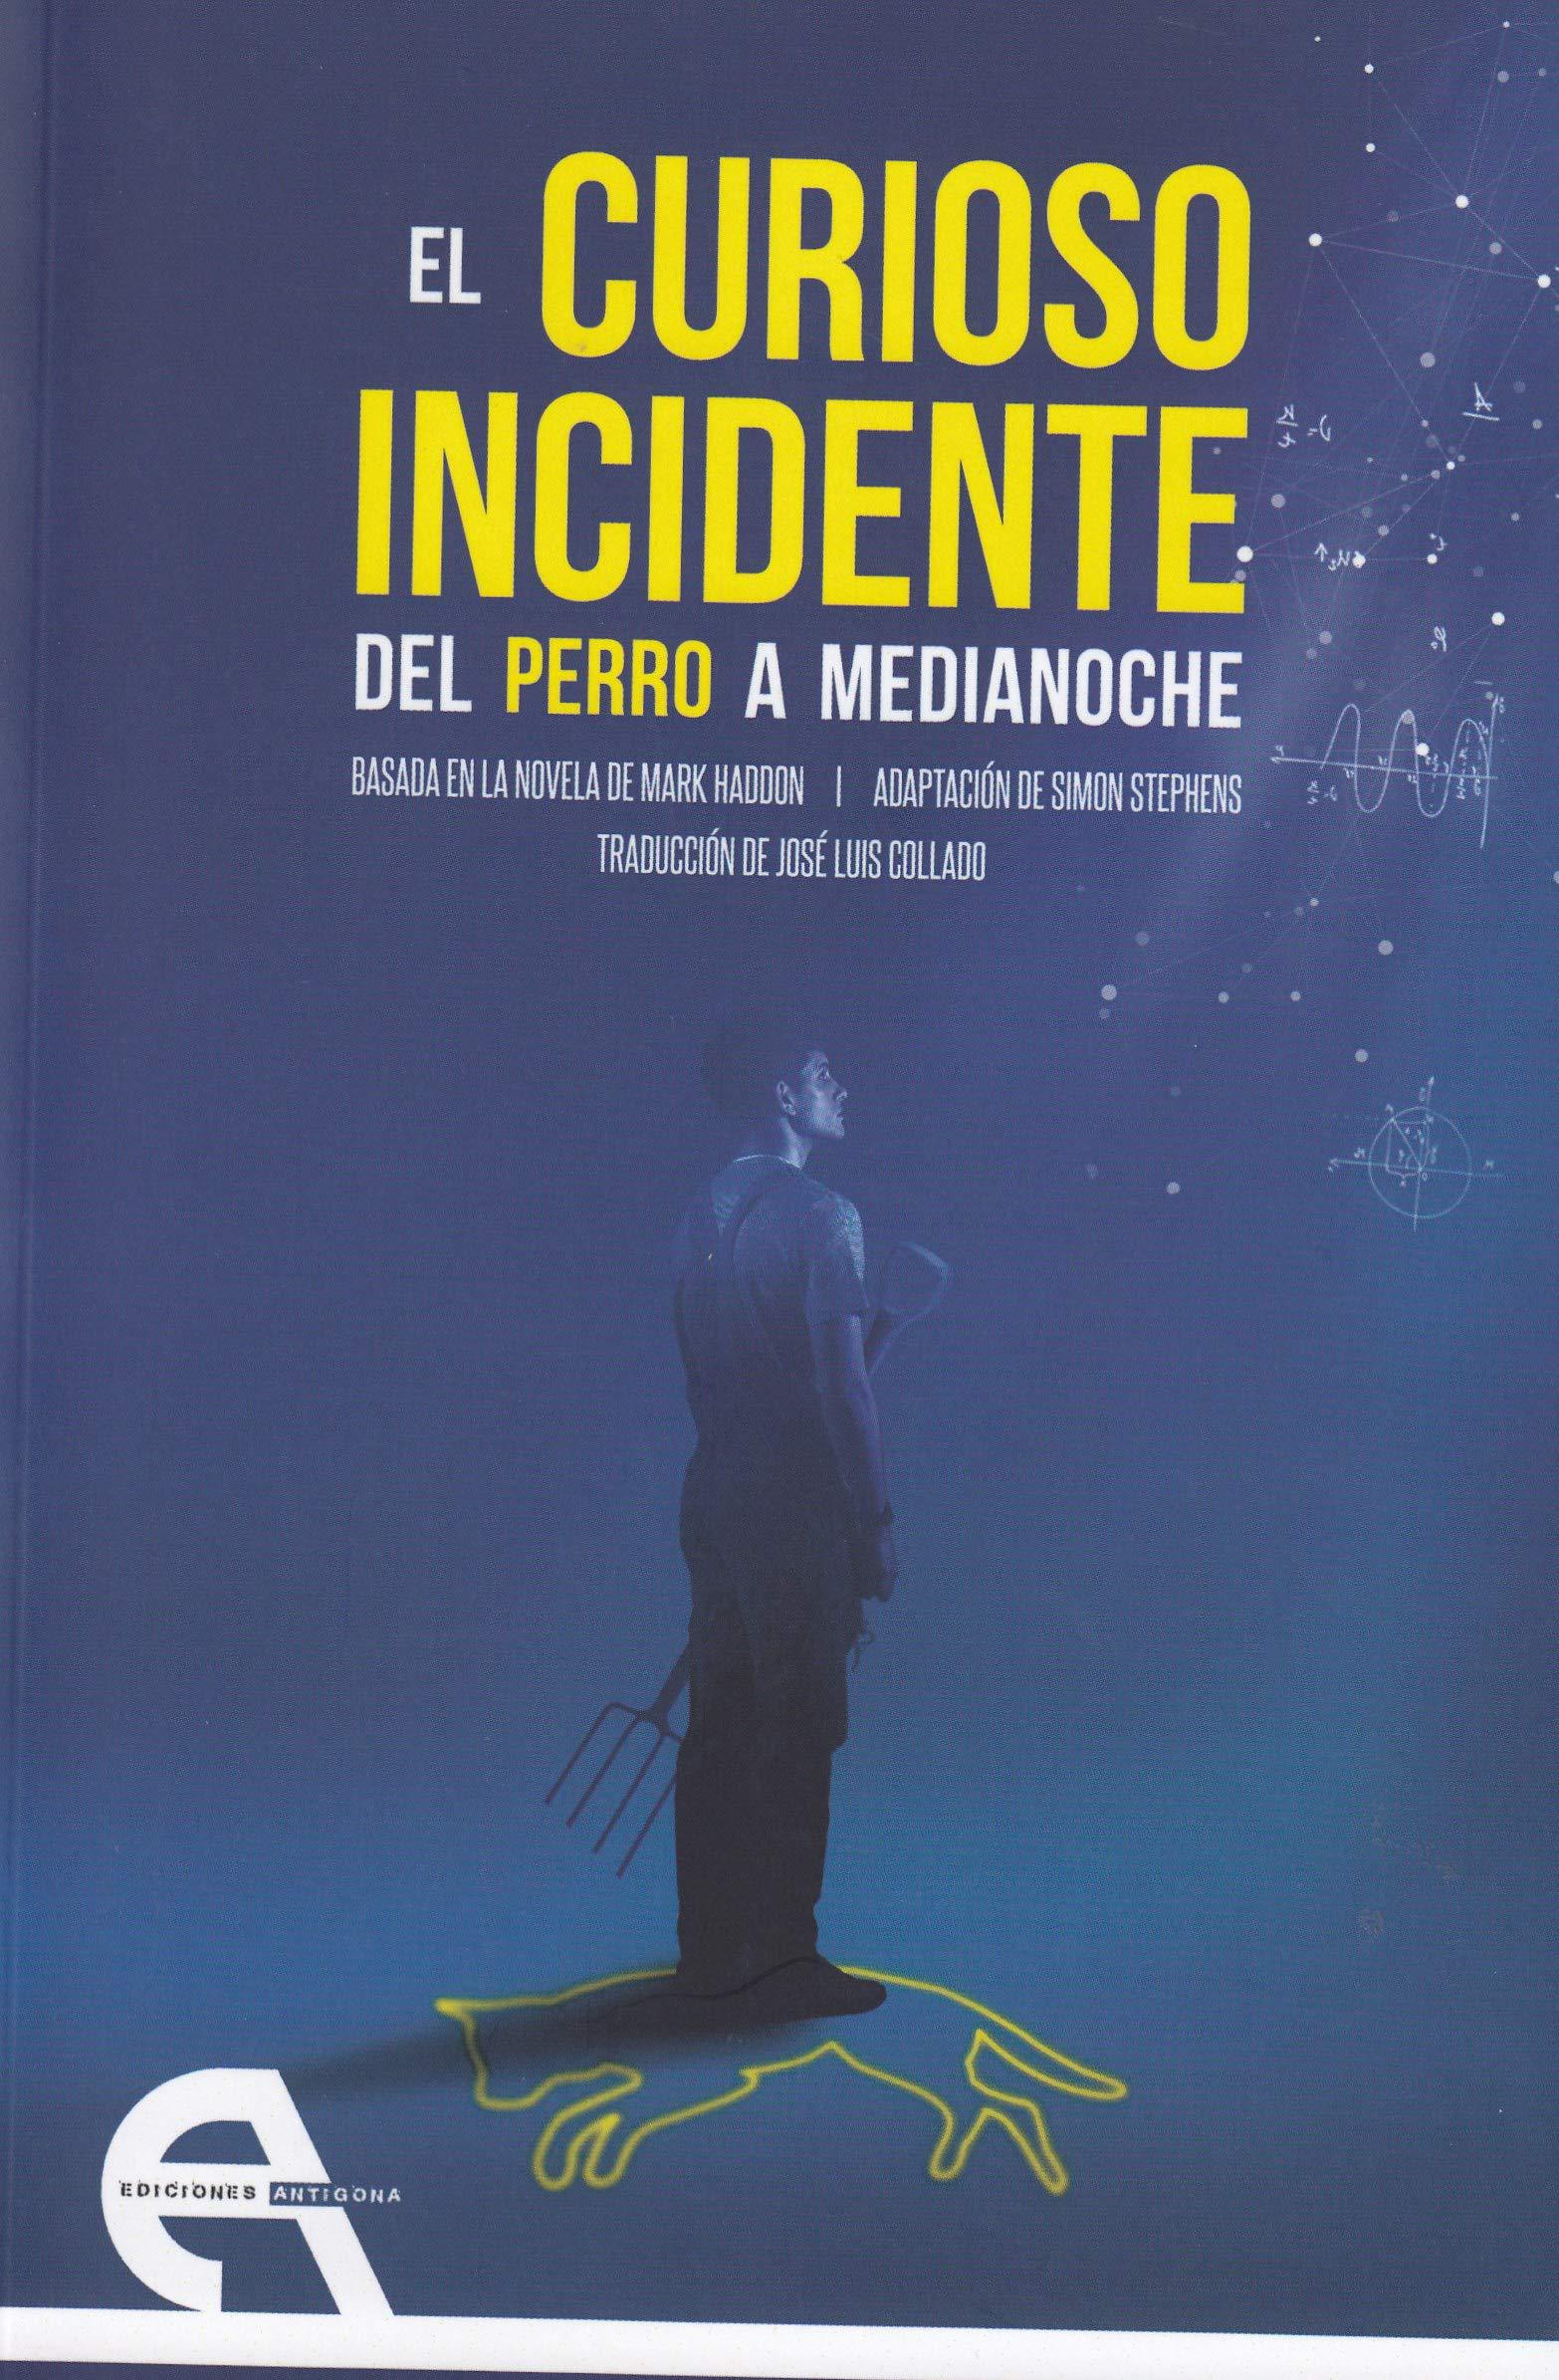 El curioso incidente del perro a medianoche (Teatro): Amazon.es: Mark  Haddon, Isaac Juncos Cianca, Simon Stephens, Conchita Piña, José Luis  Collado: Libros